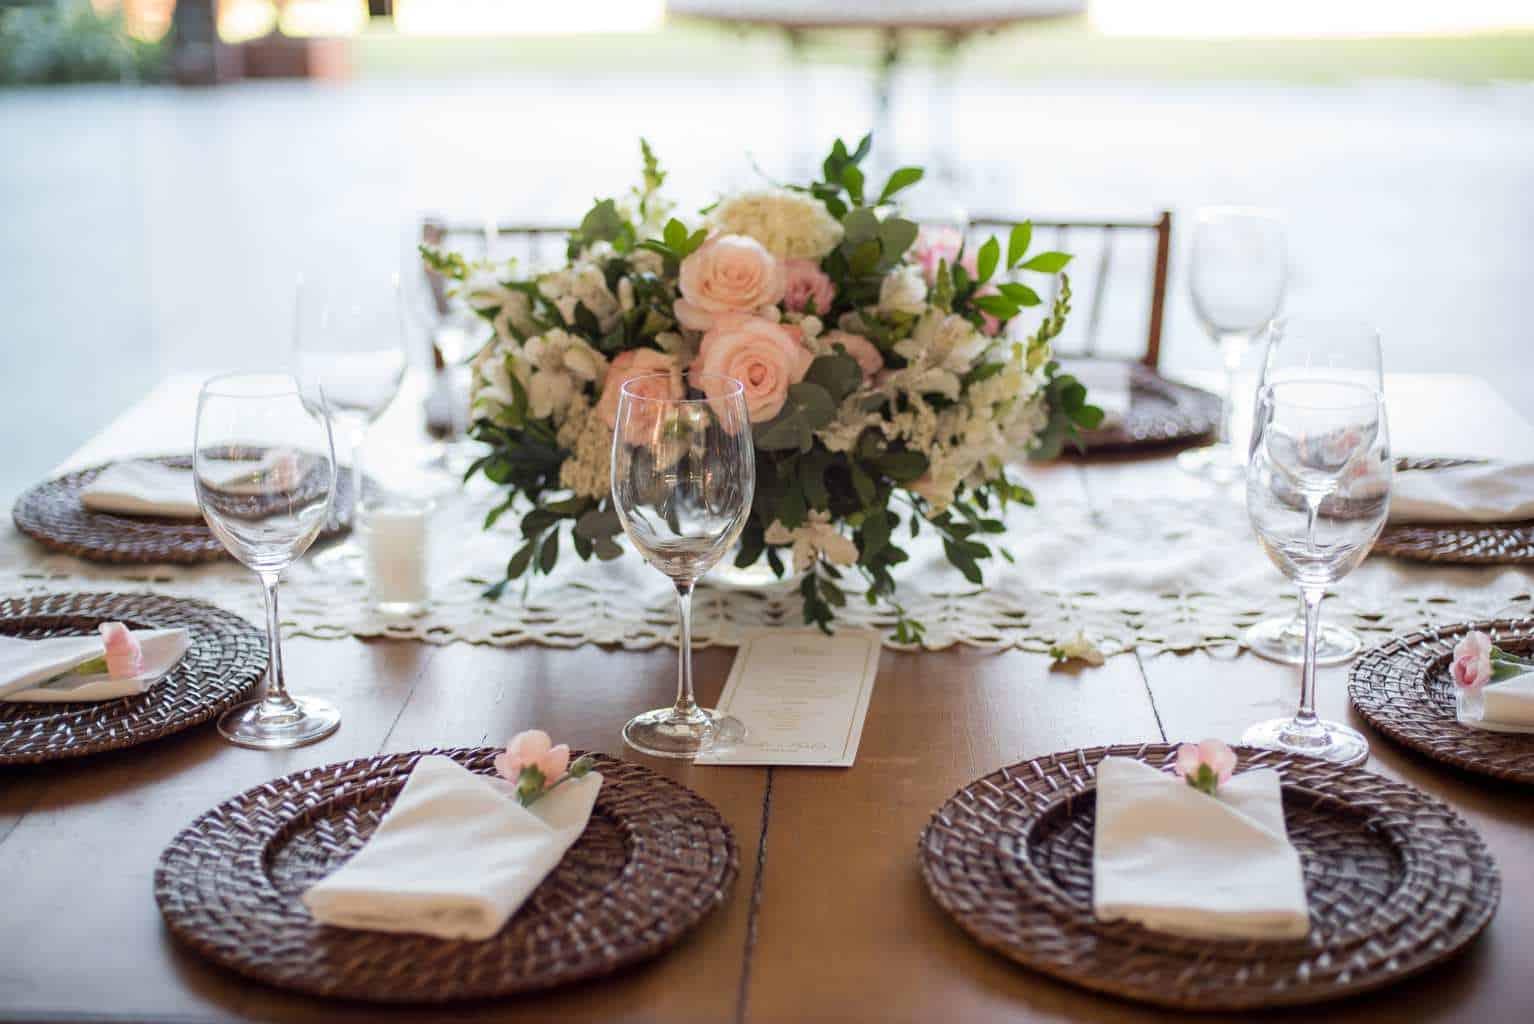 casamento-de-dia-casamento-Nicole-e-Thales-casamento-no-jardim-csasamento-ao-ar-livre-Fotografia-Marina-Fava-Galeria-Jardim-Rio-de-Janeiro-18